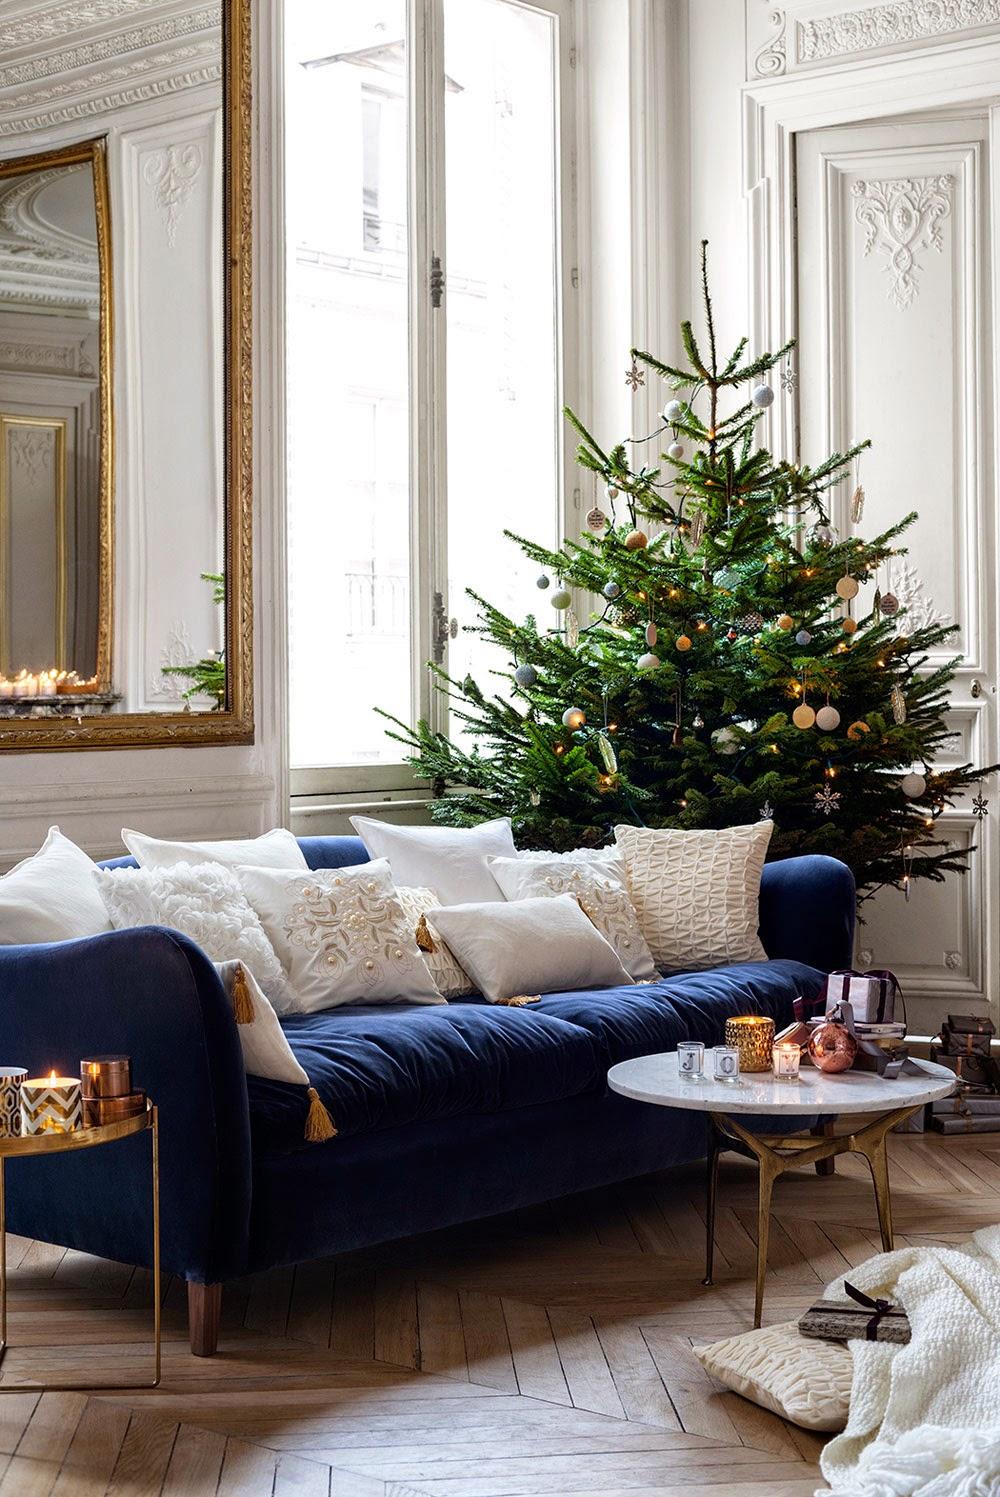 Traditional Christmas Glam Daily Dream Decor